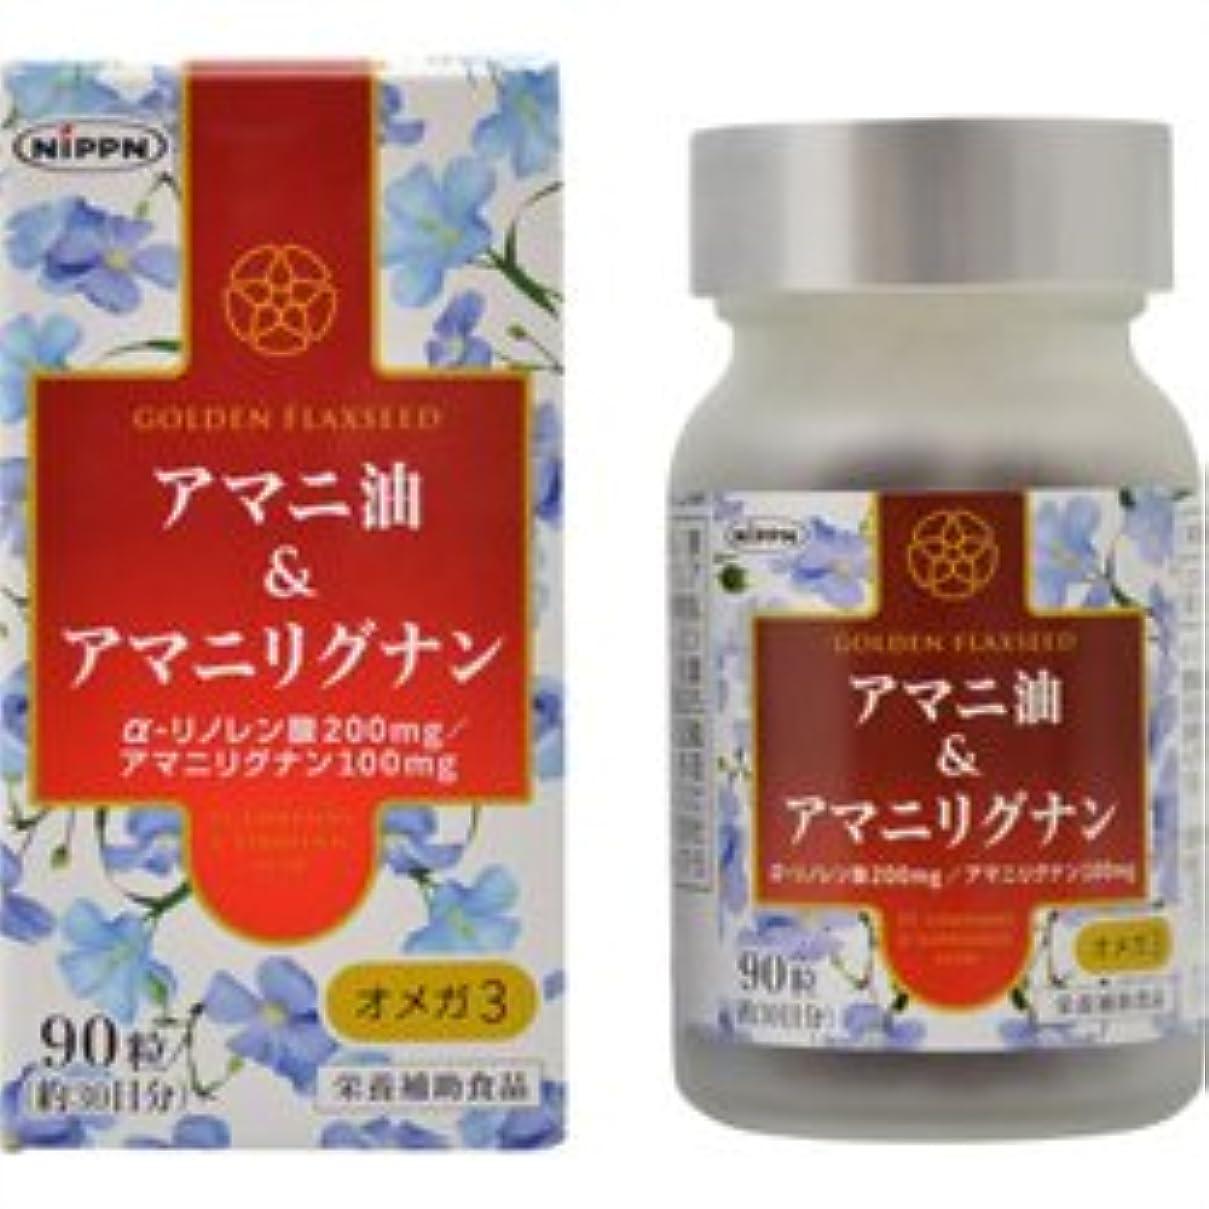 時期尚早構成するかんたん【日本製粉】アマニ油&アマニリグナン 90粒 ×5個セット